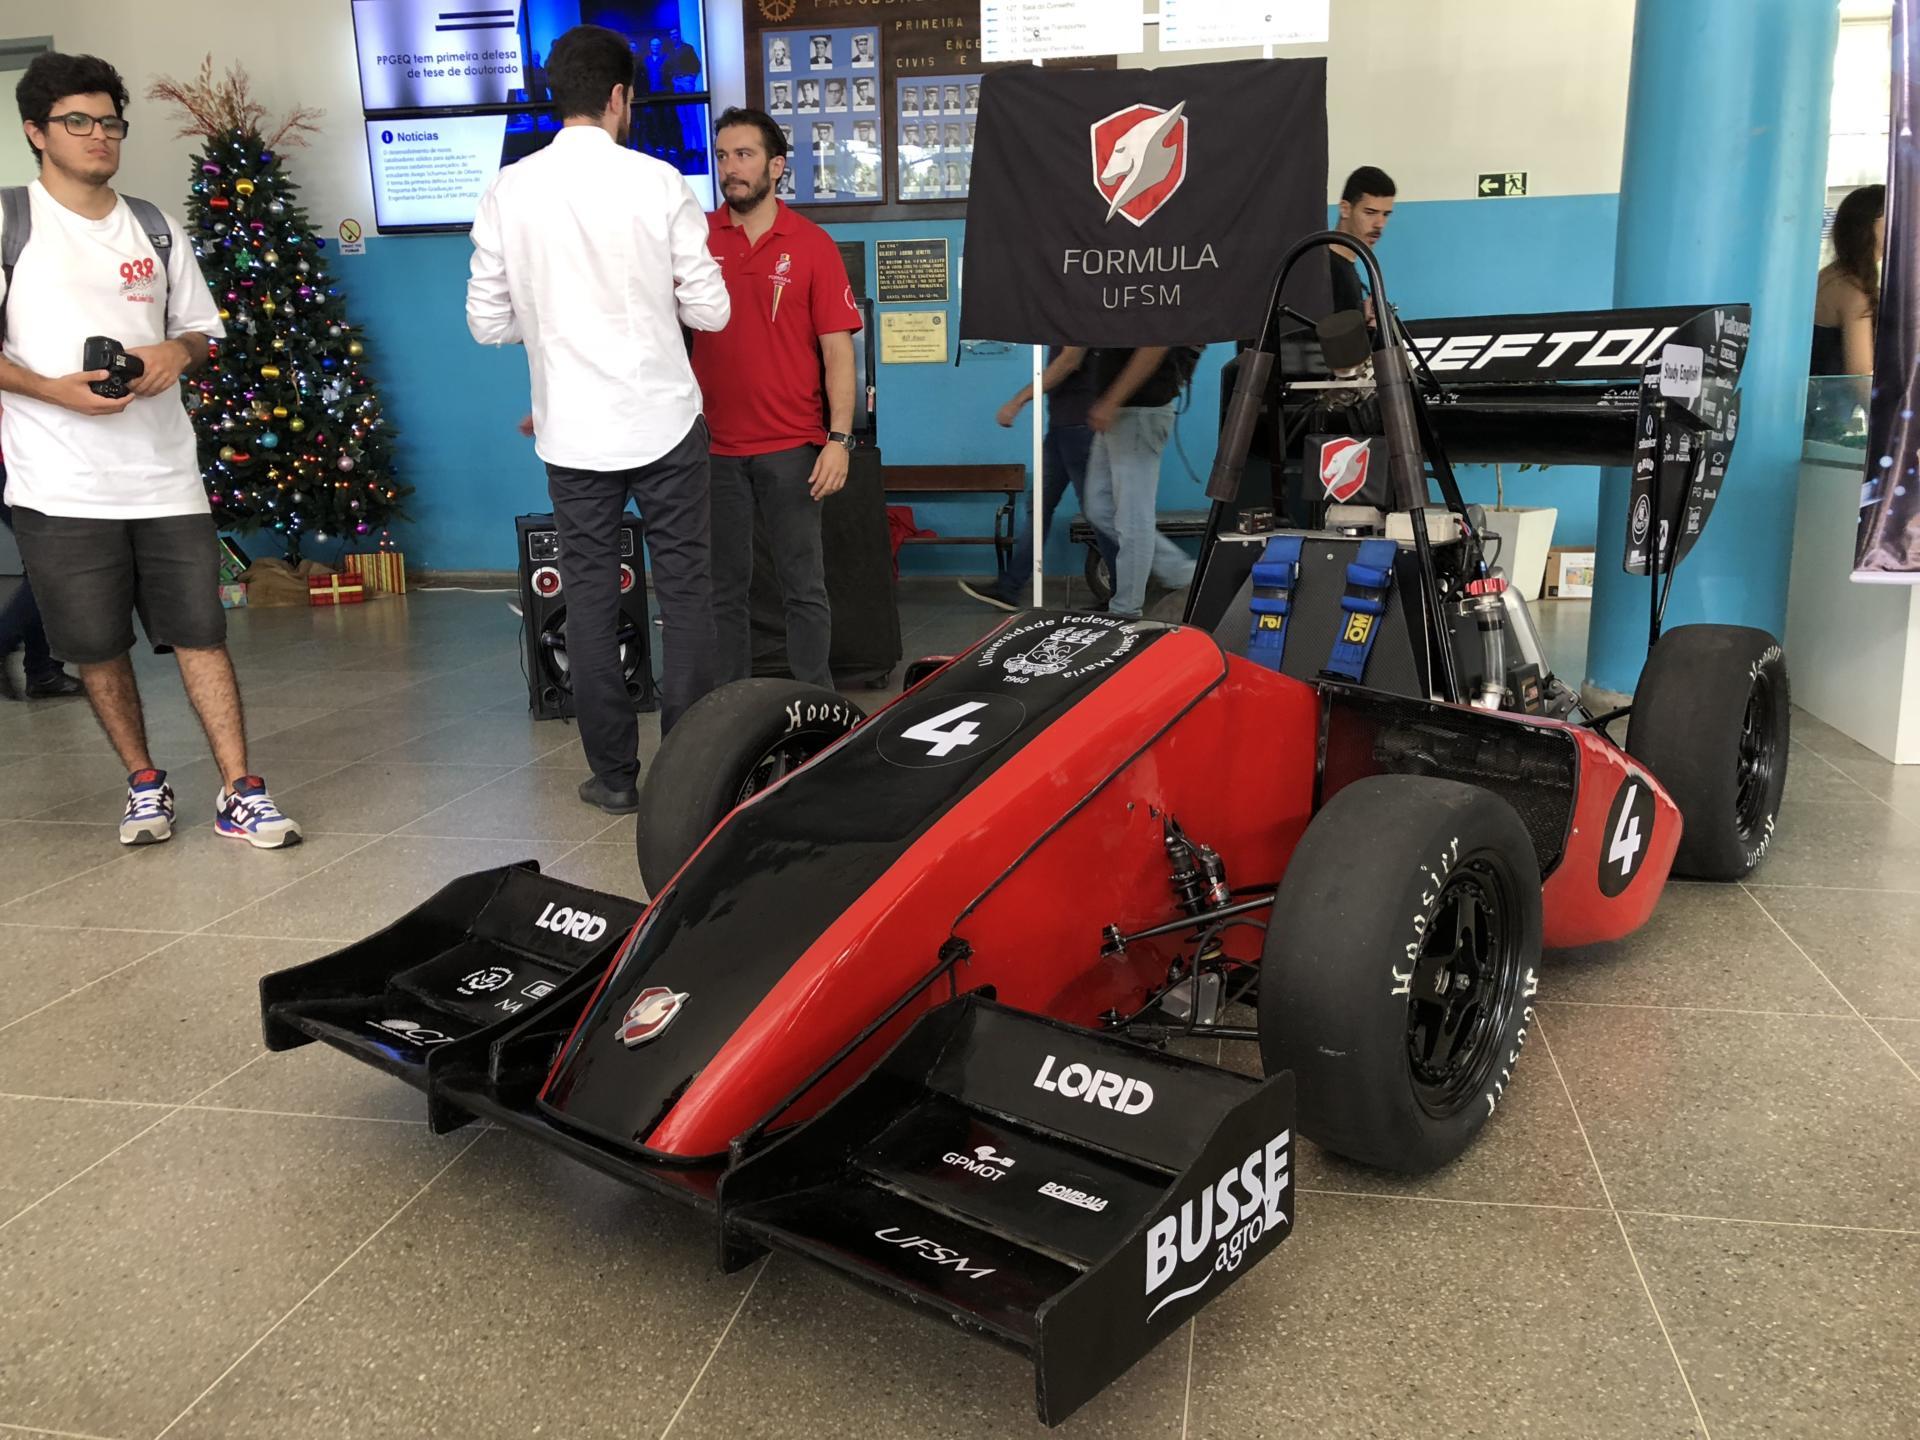 Pessoas contemplam o protótipo do carro, nas cores preto e vermelho, no hall do CT